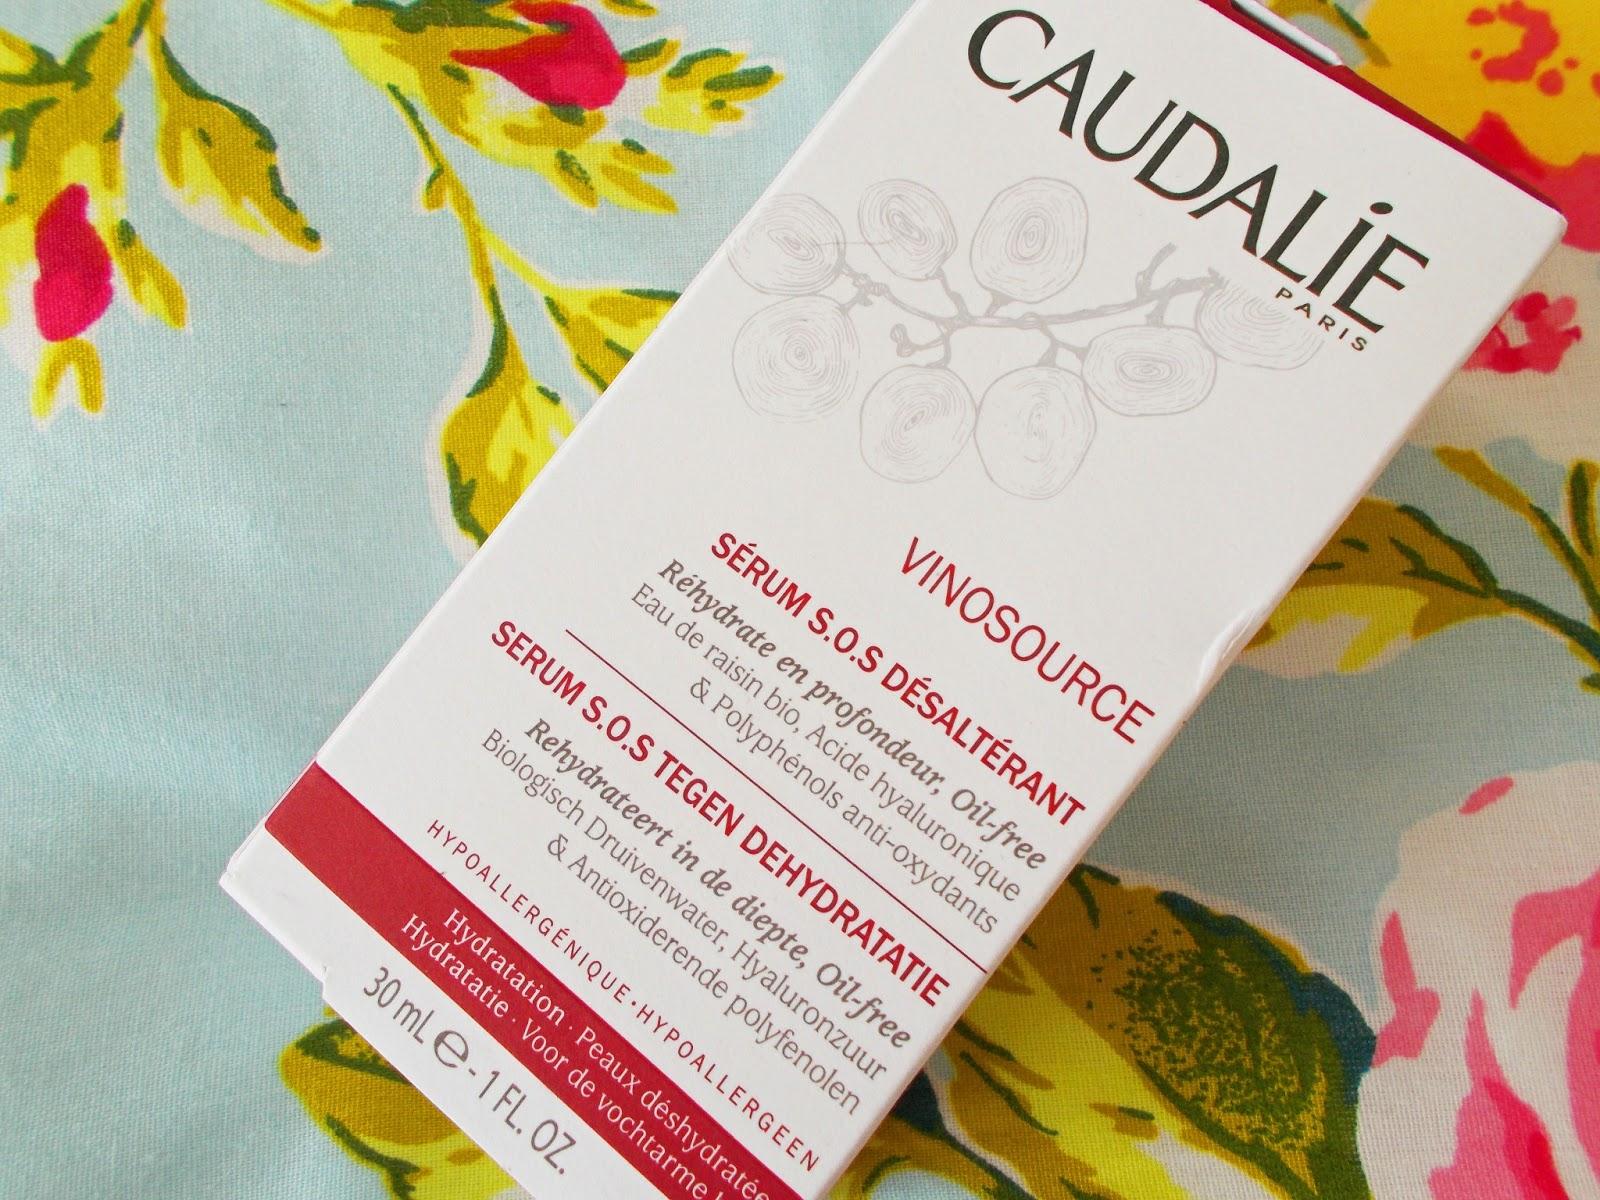 The Caudalie Vinosource S.O.S Thirst-Quenching Serum